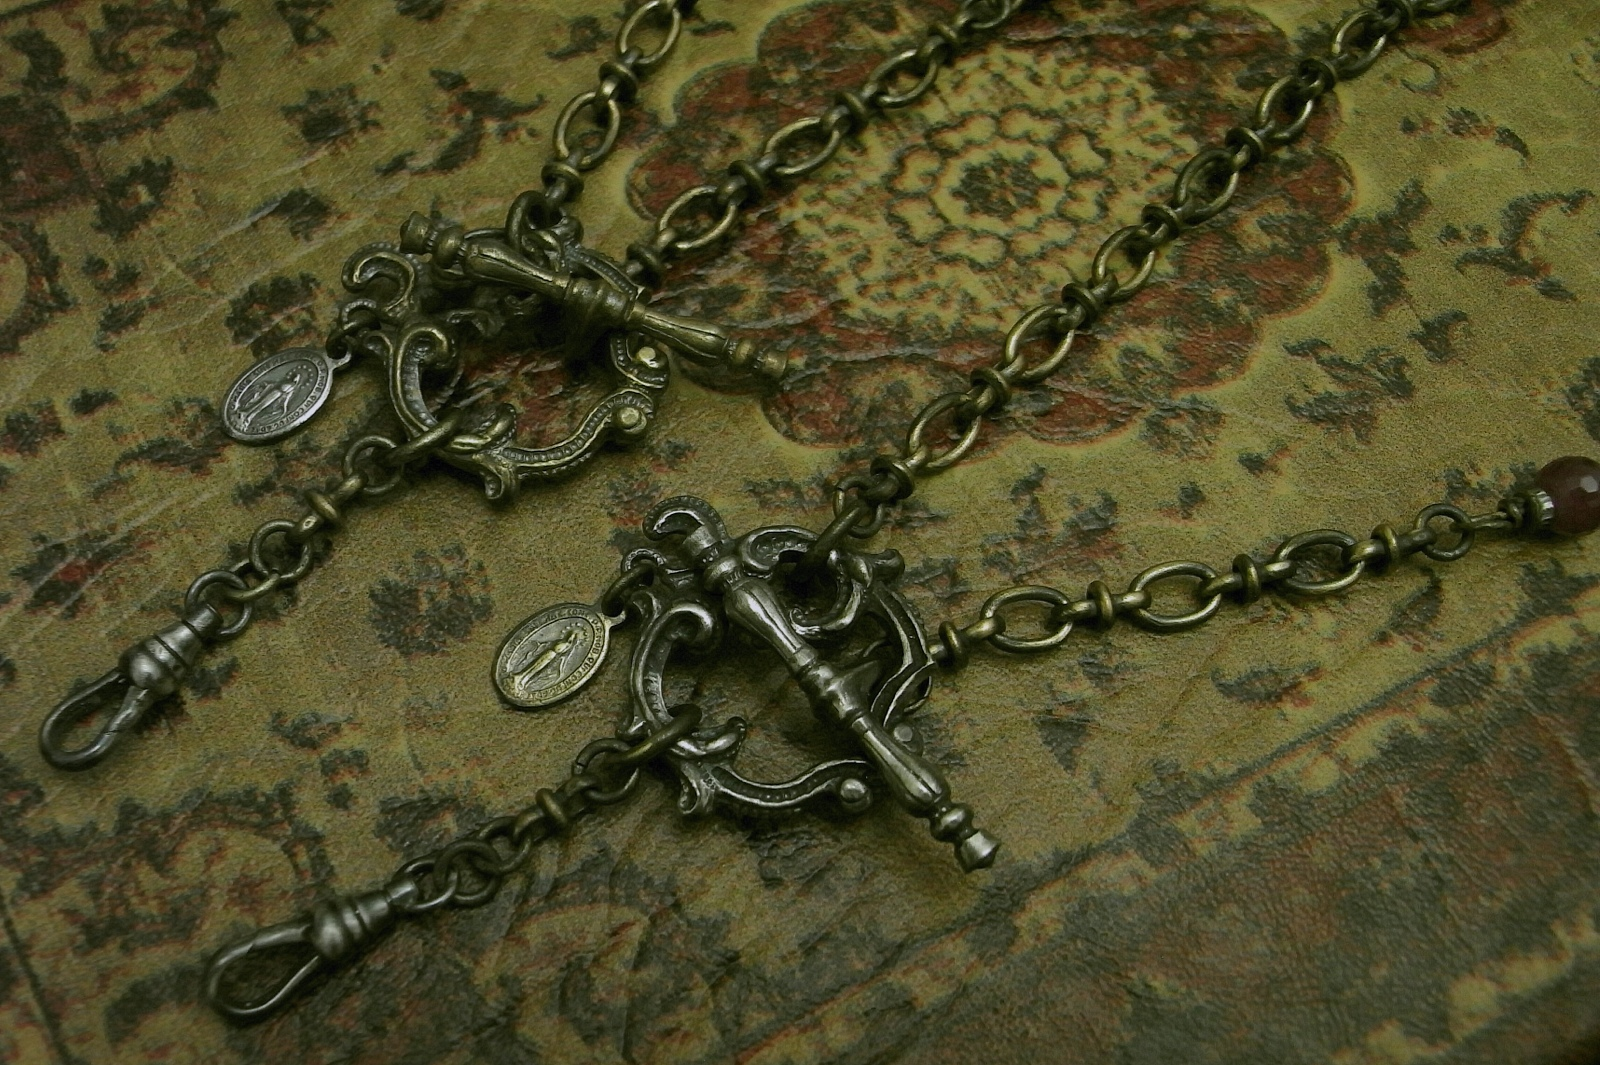 胸元で脱着するロザリオタイプのネックレス【Front Mantel Rosary Necklace】